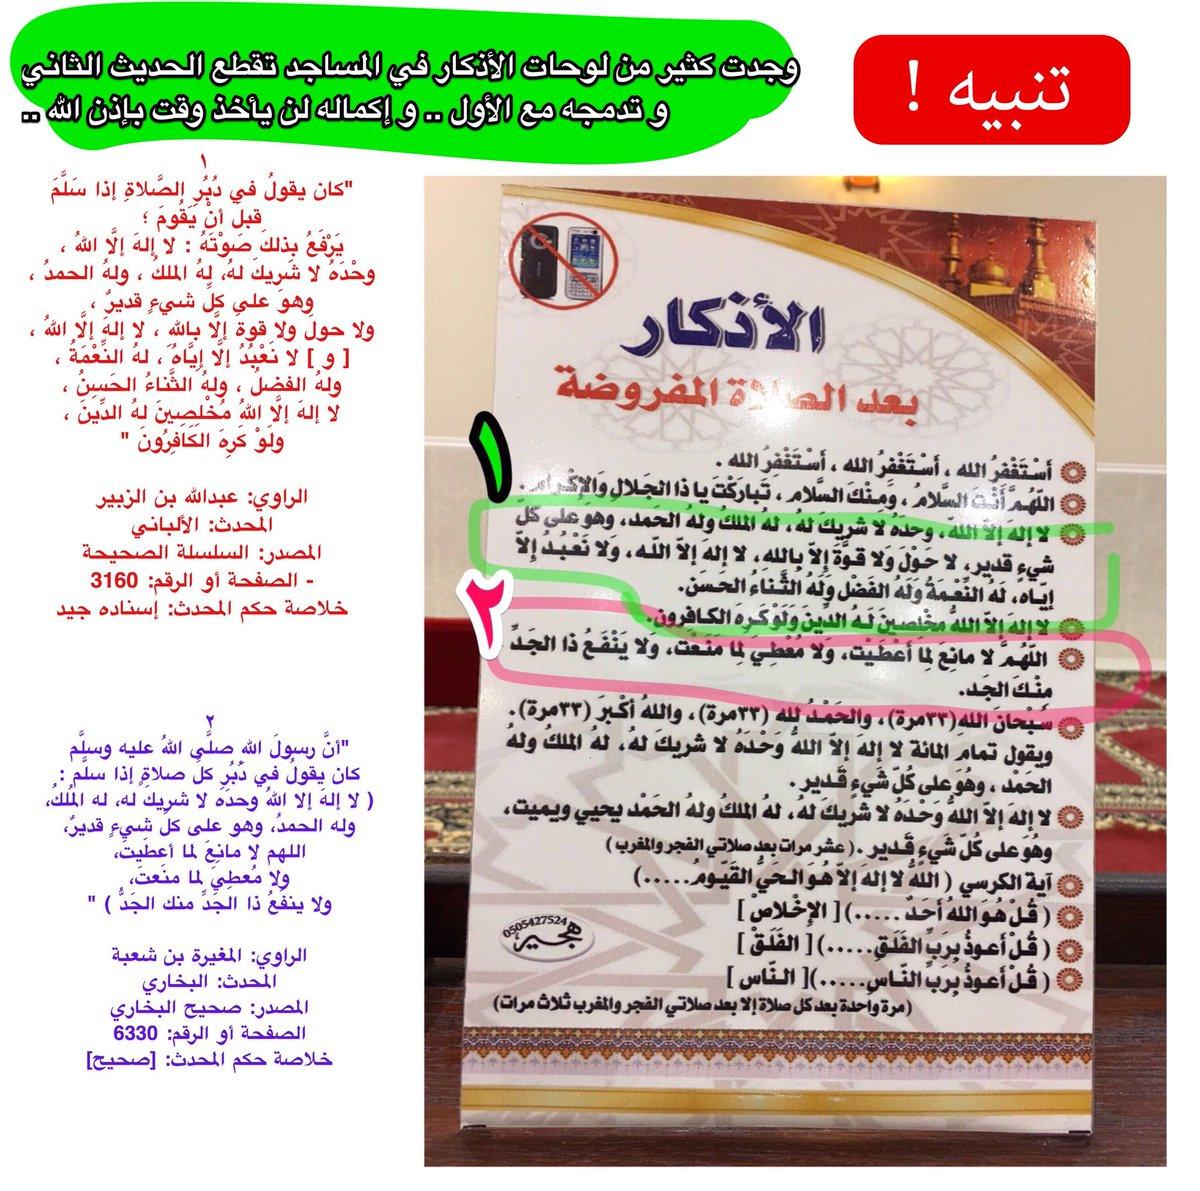 إبراهيم بن عبد العزيز On Twitter تنبيه على بعض لوحات الأذكار بعد الصلاة أذكار بعد الصلاة المفروضة